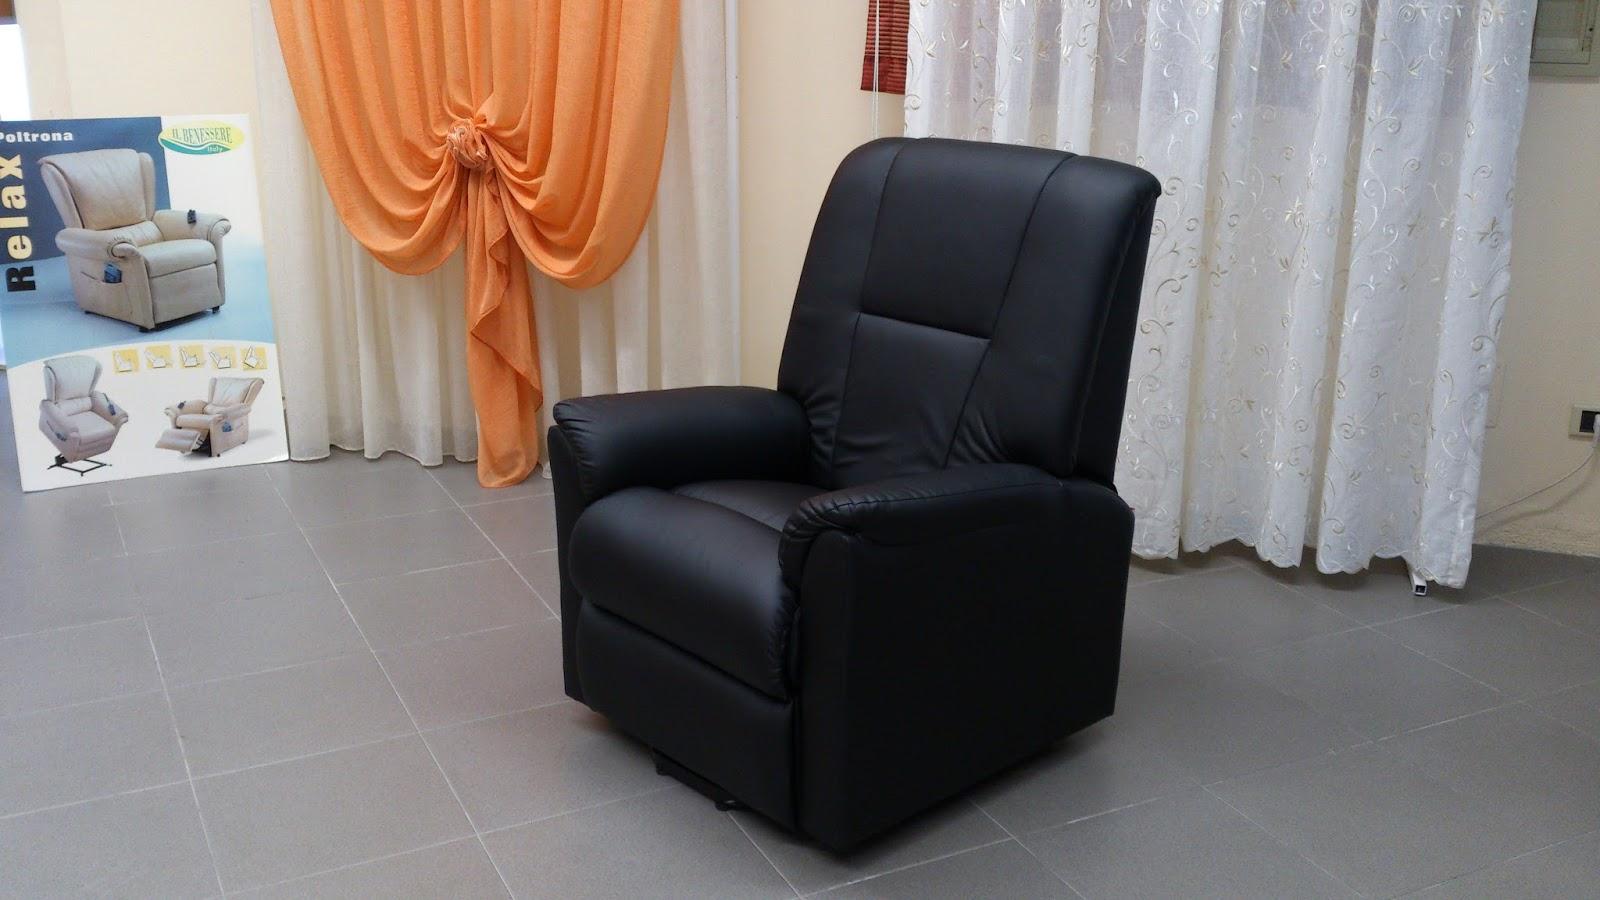 Prezzi poltrone divano poltrona massaggio elettrica pelle lux